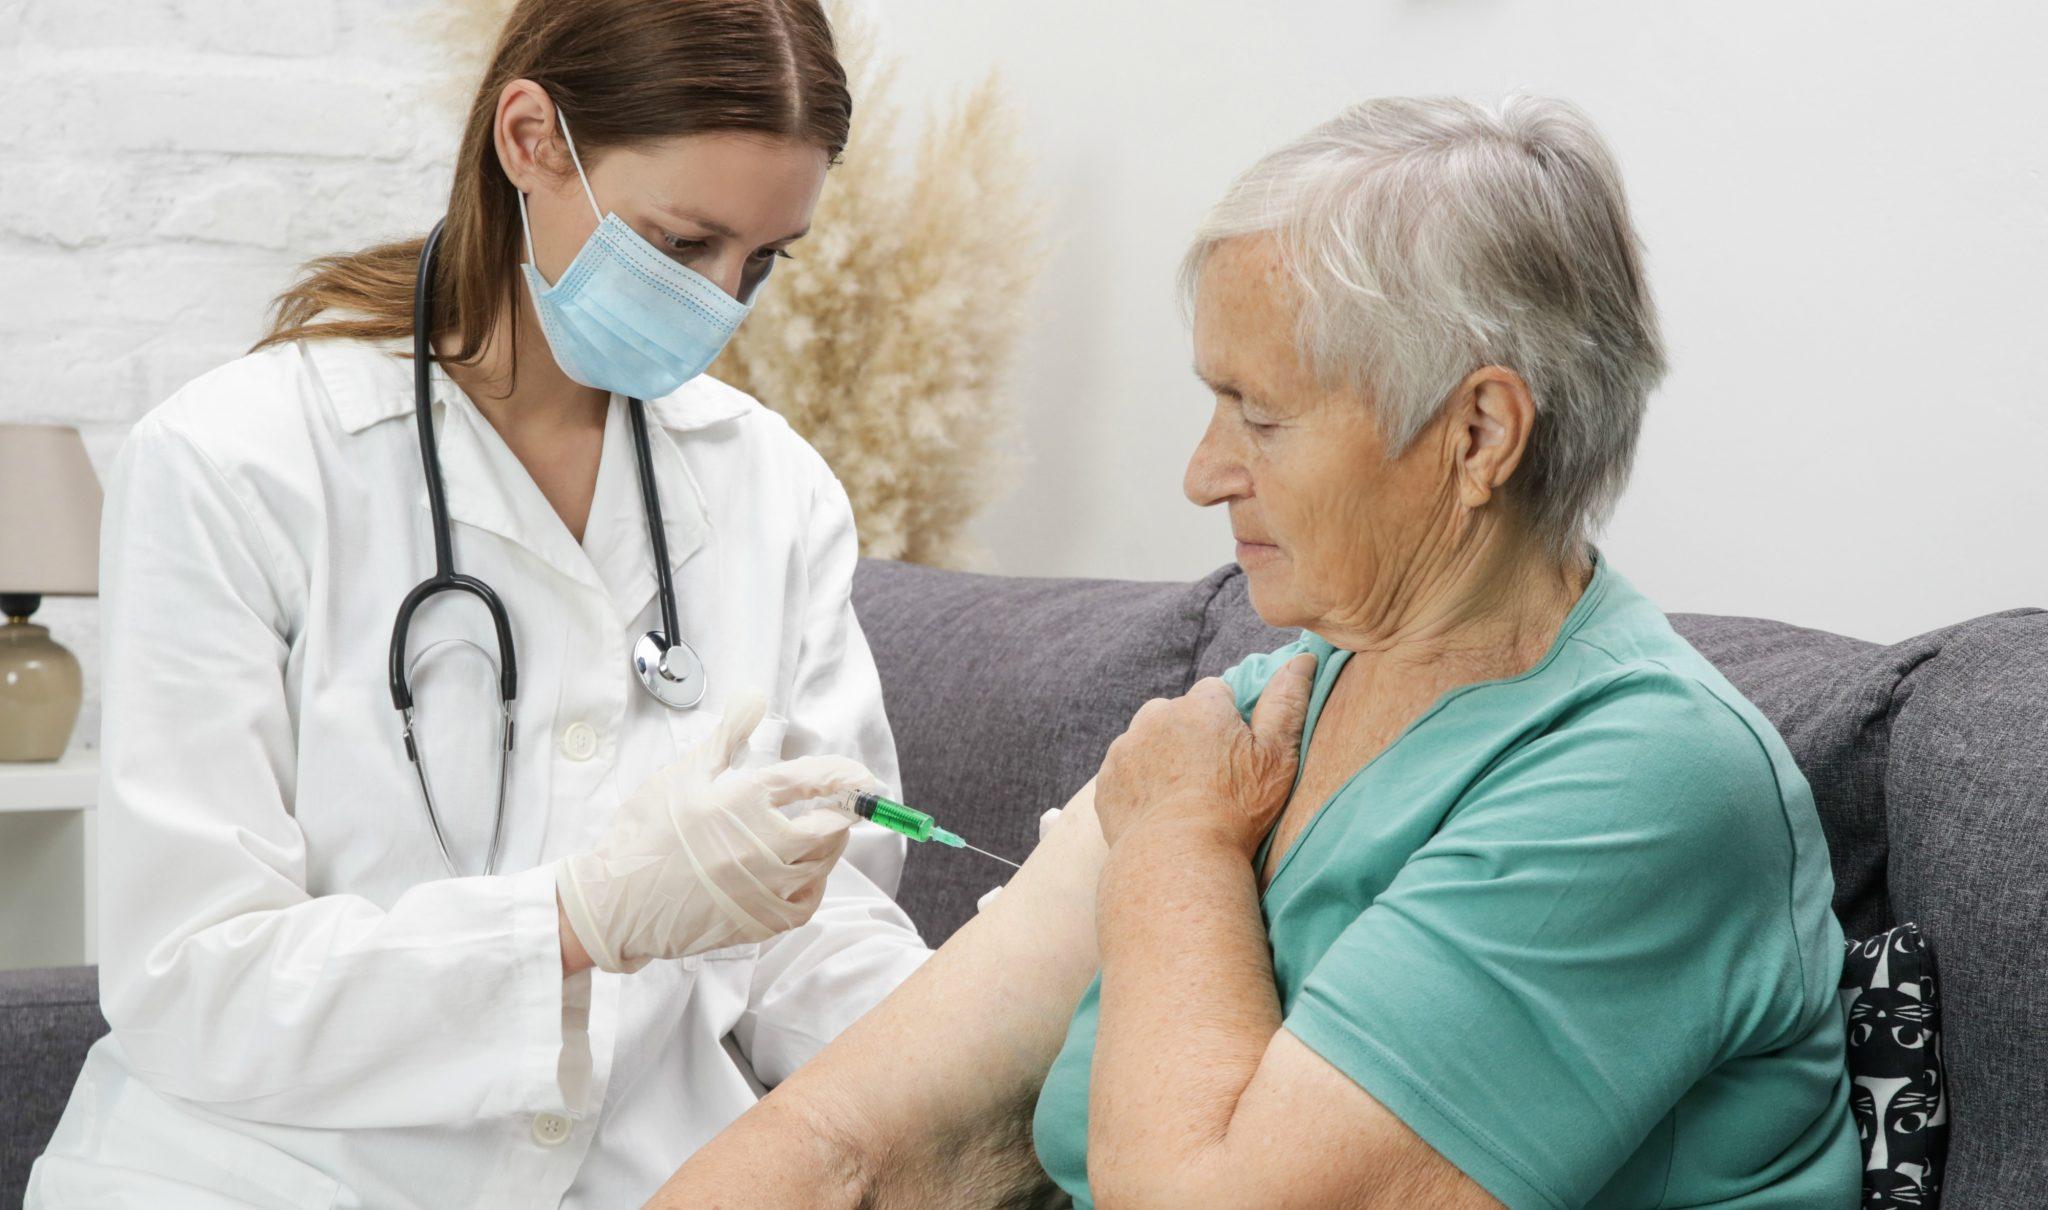 Vacina de Oxford mostra ser imune para idosos em resultados preliminares